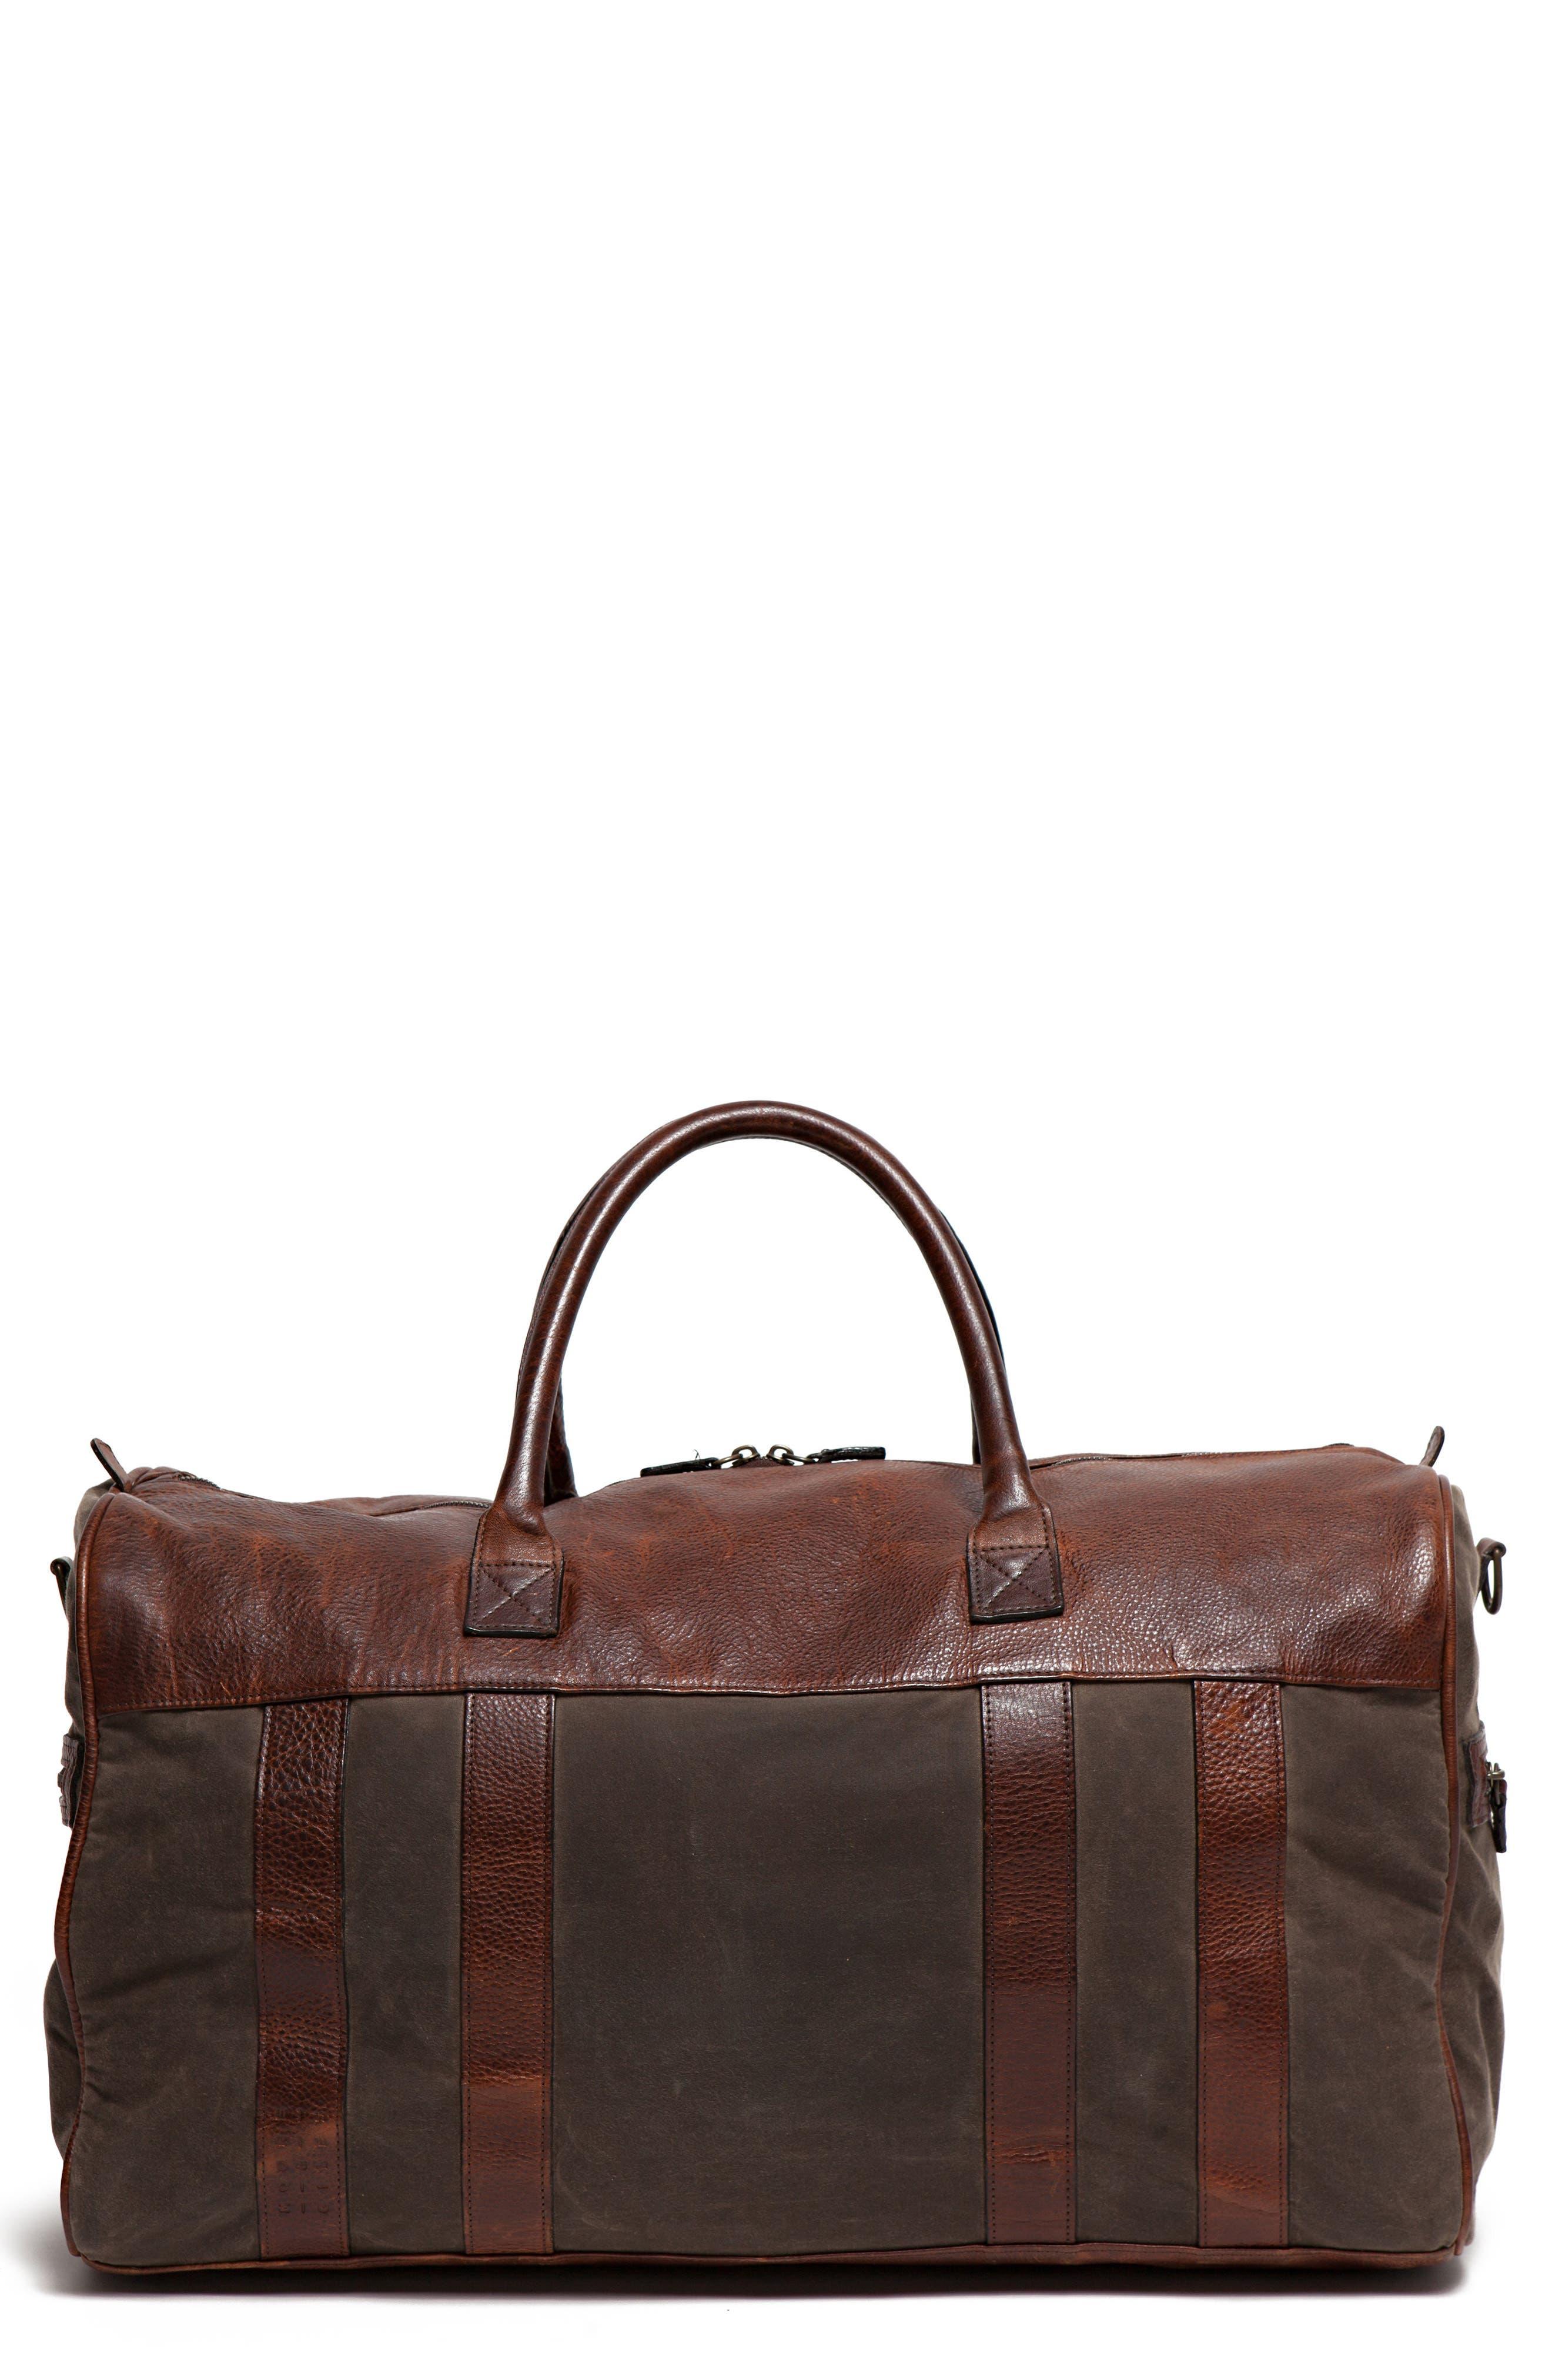 Cleland XL Duffel Bag,                         Main,                         color,